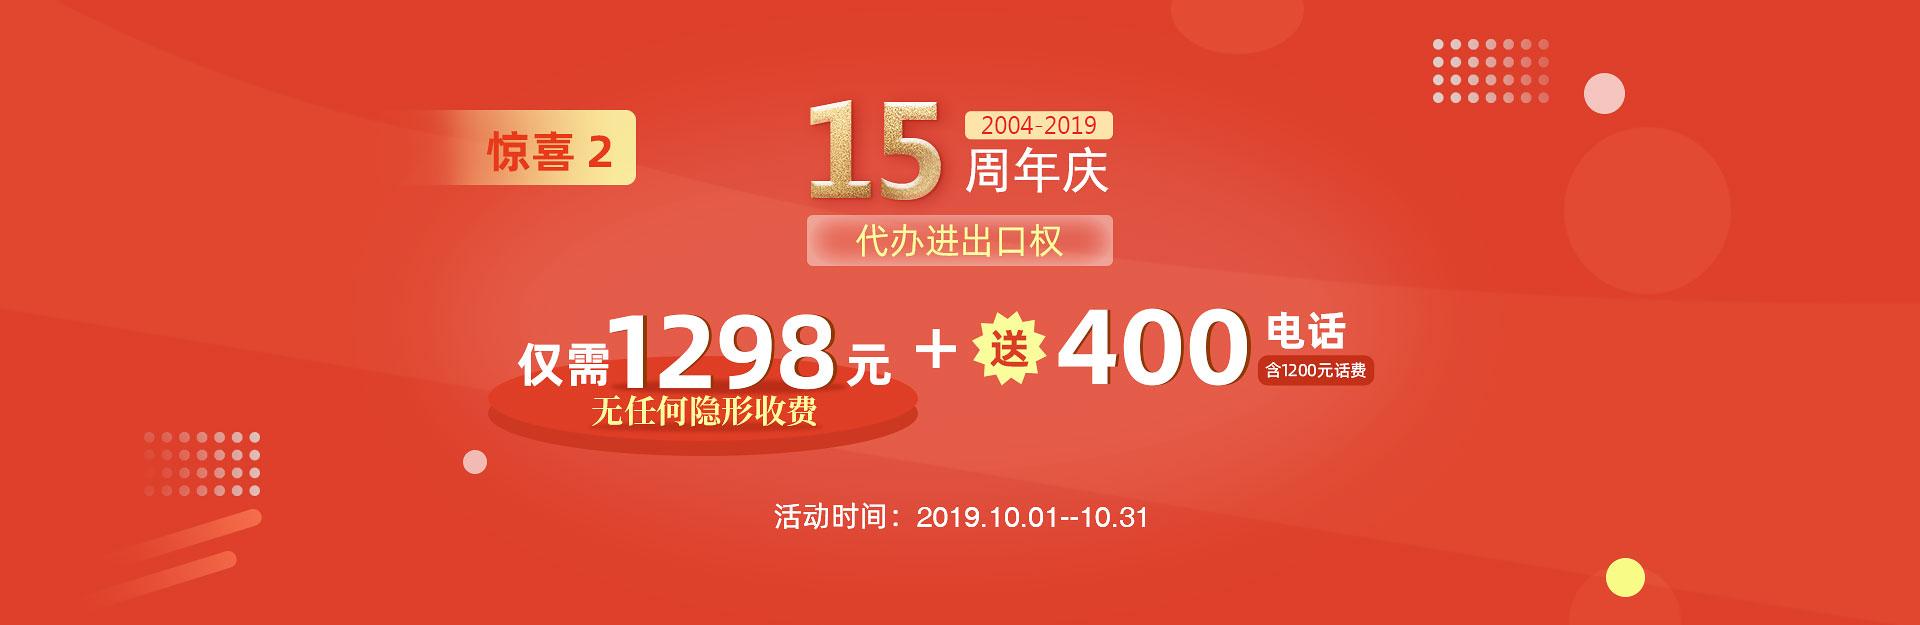 昌意管理咨询(上海)有限公司